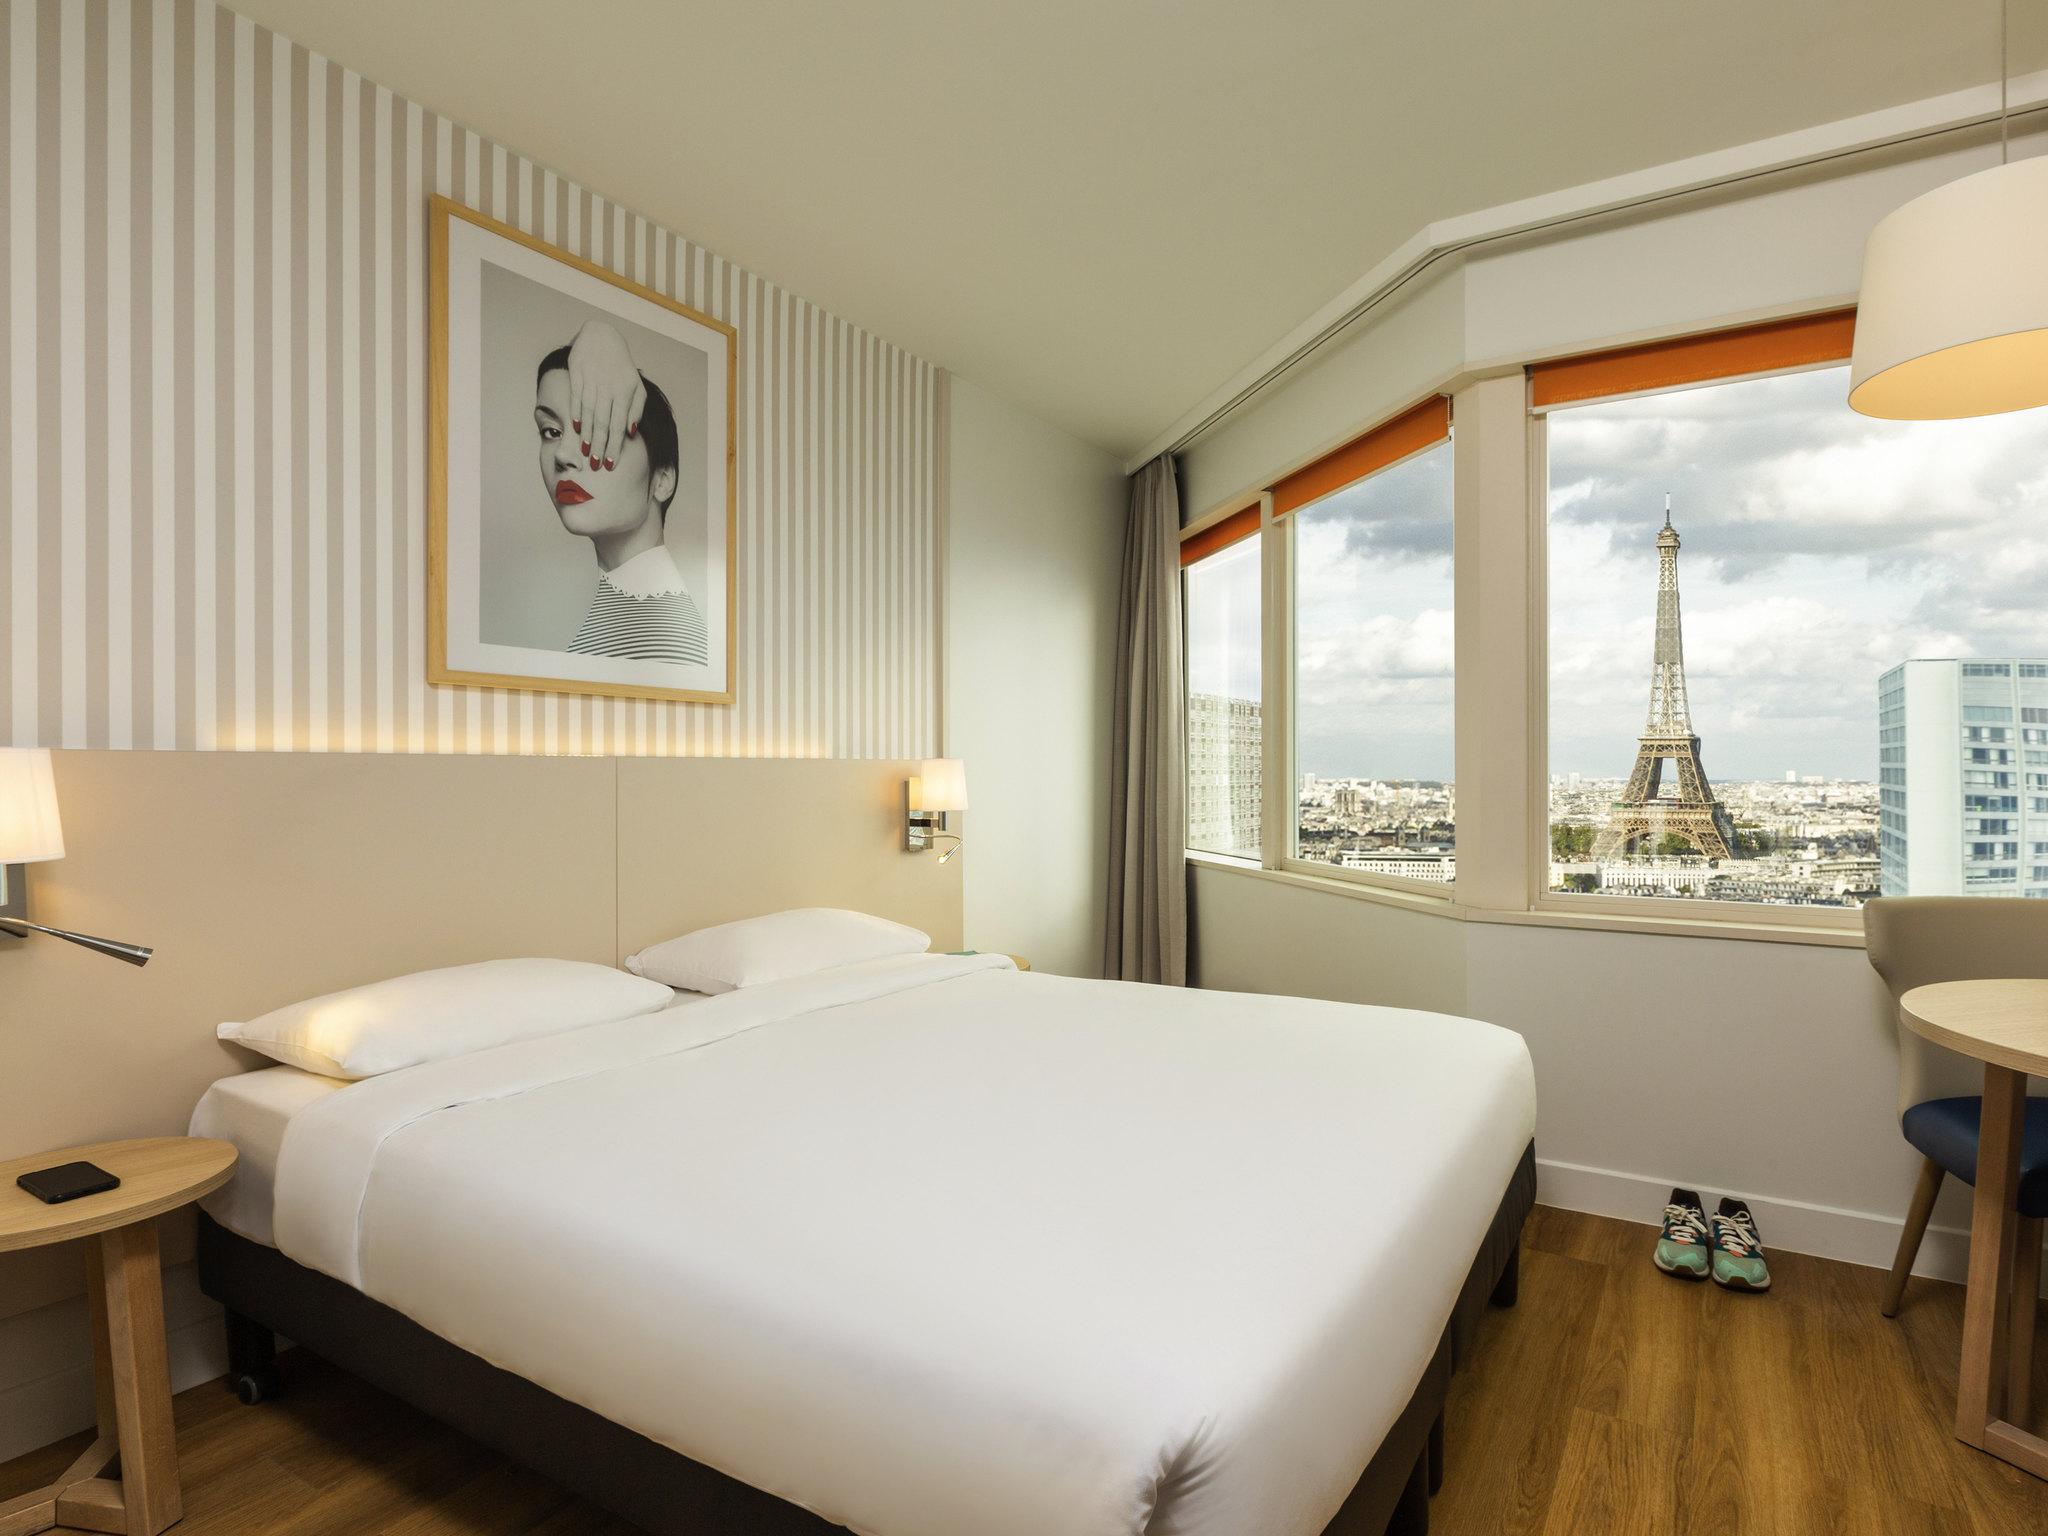 Отель — Апартотель Adagio Париж Центр Эйфелева башня